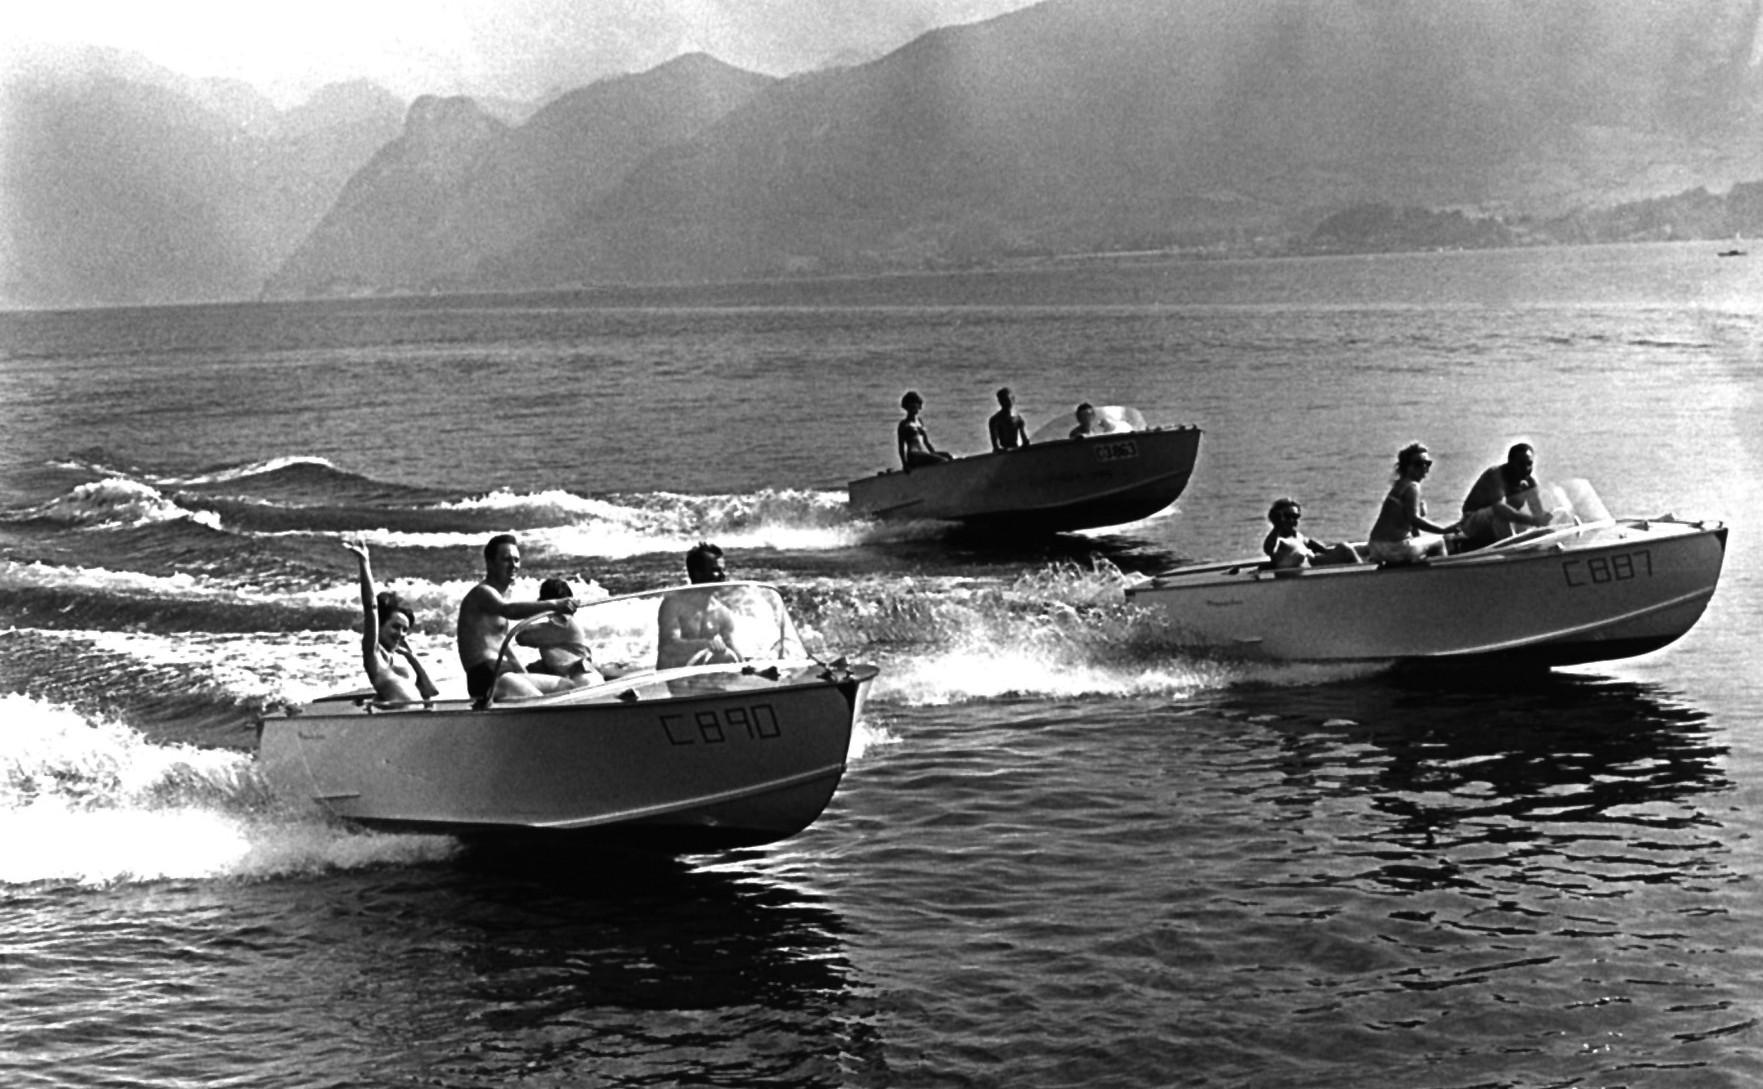 Ein Schnappschuss aus der Geschichte zeigt drei Frauscher-Motorboote bei einer Spritzfahrt am Traunsee im Jahr 1967